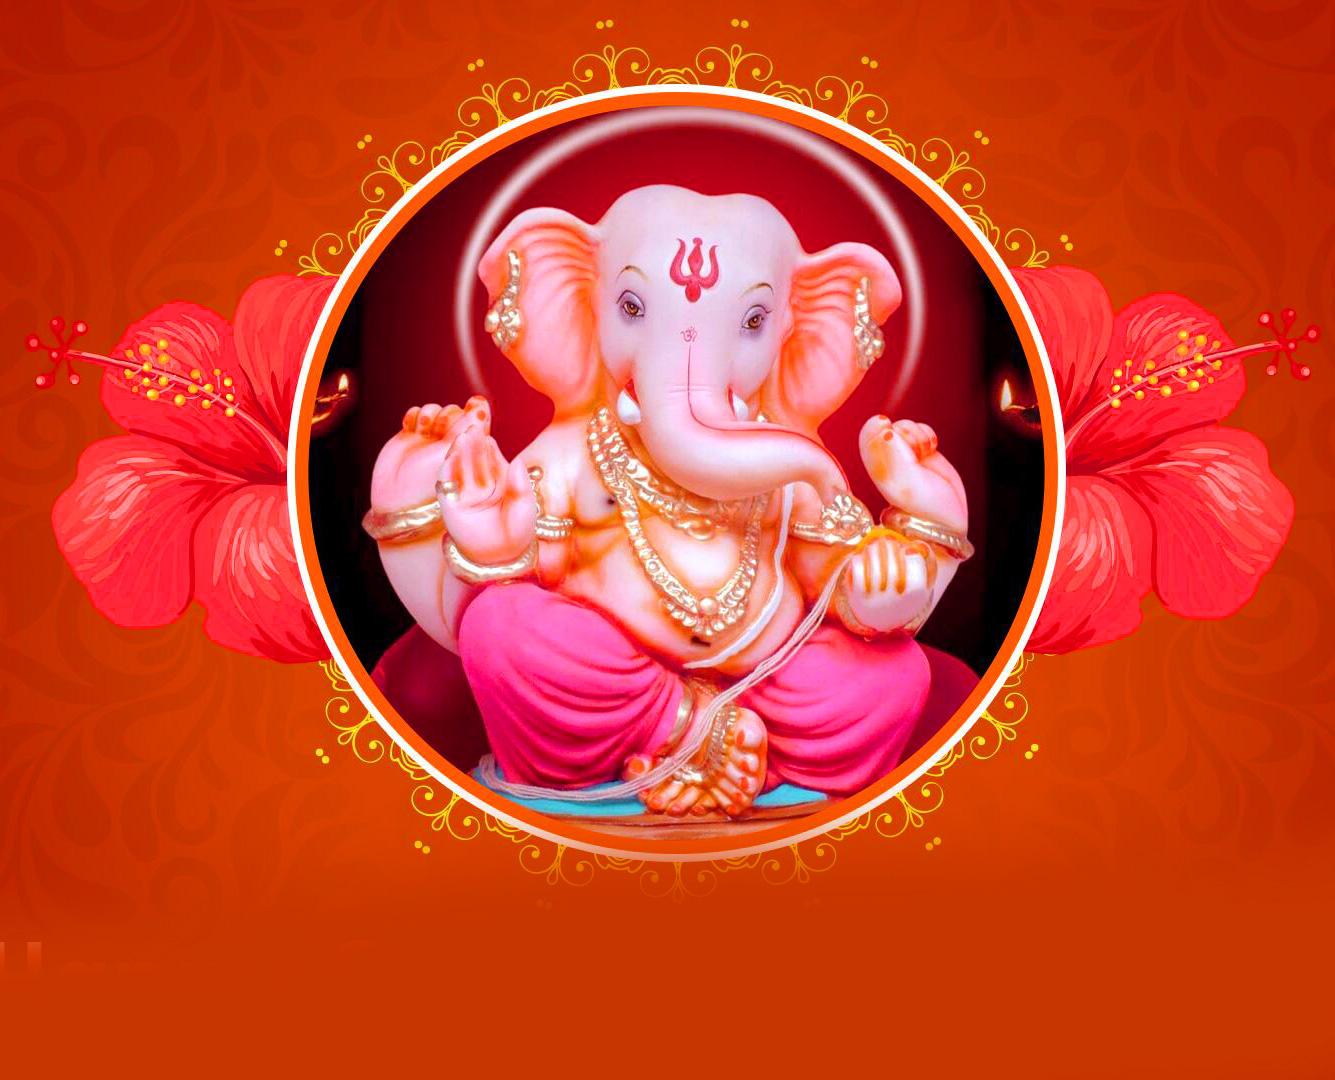 Ganesha Images 61